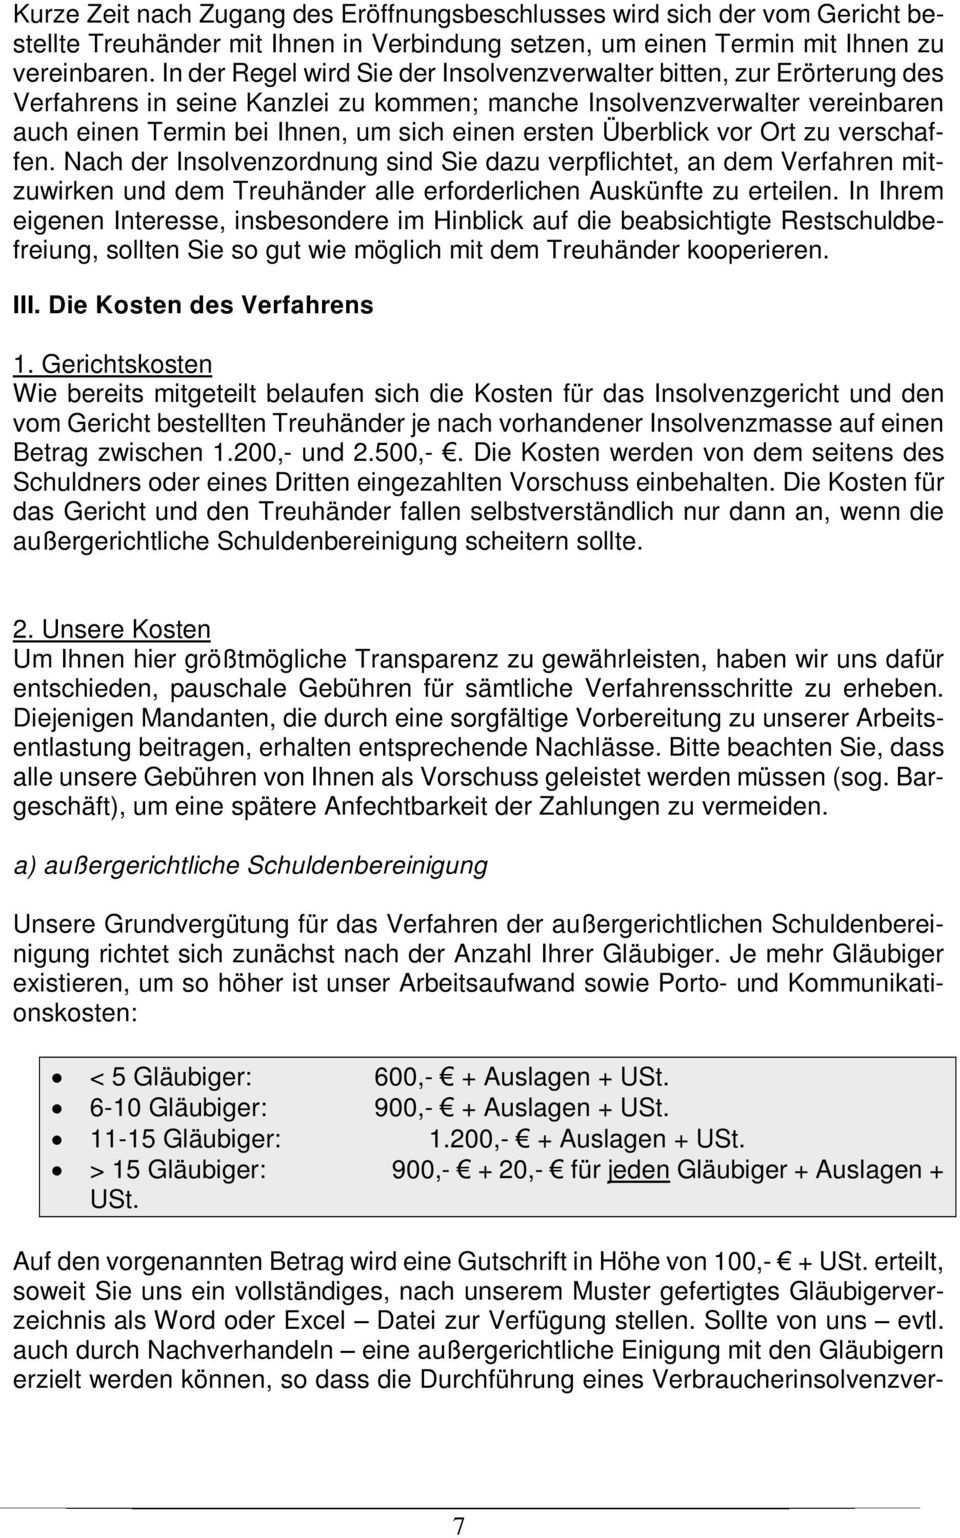 Merkblatt Und Fragebogen Zur Verbraucherinsolvenz Pdf Free Download